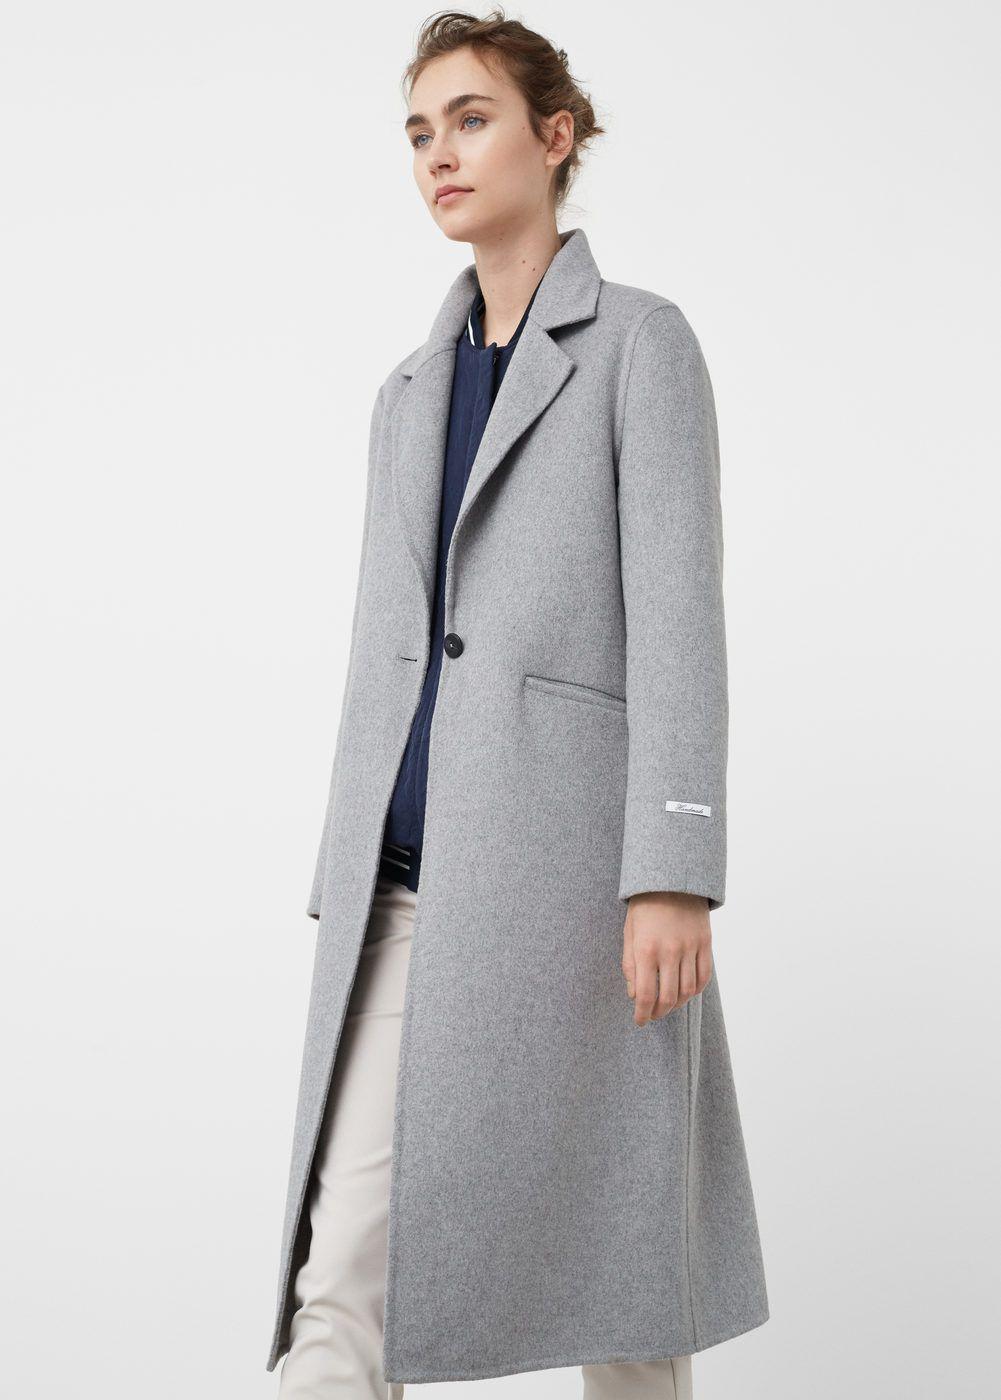 Abrigo lana handmade Abrigos de Mujer | MANGO España